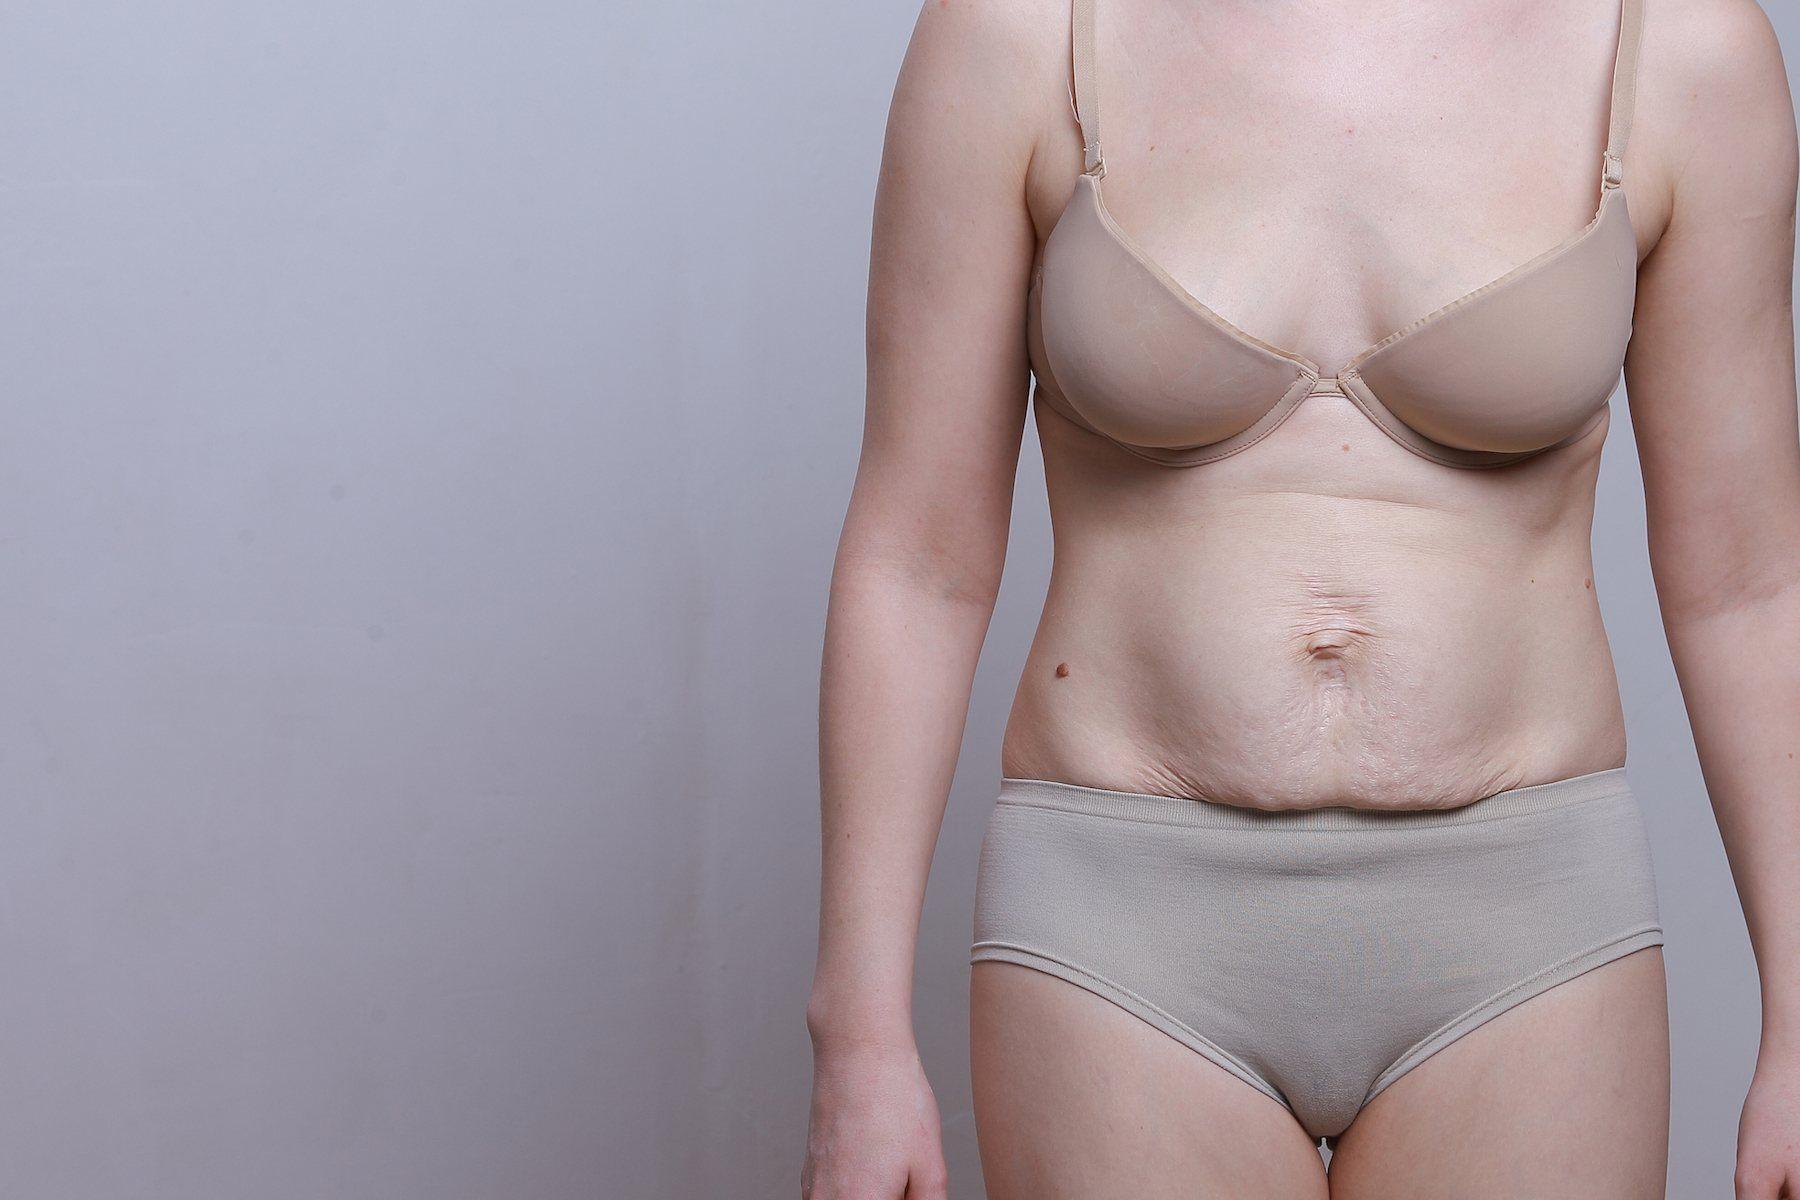 Tratamentos estéticos não devolvem a barriga